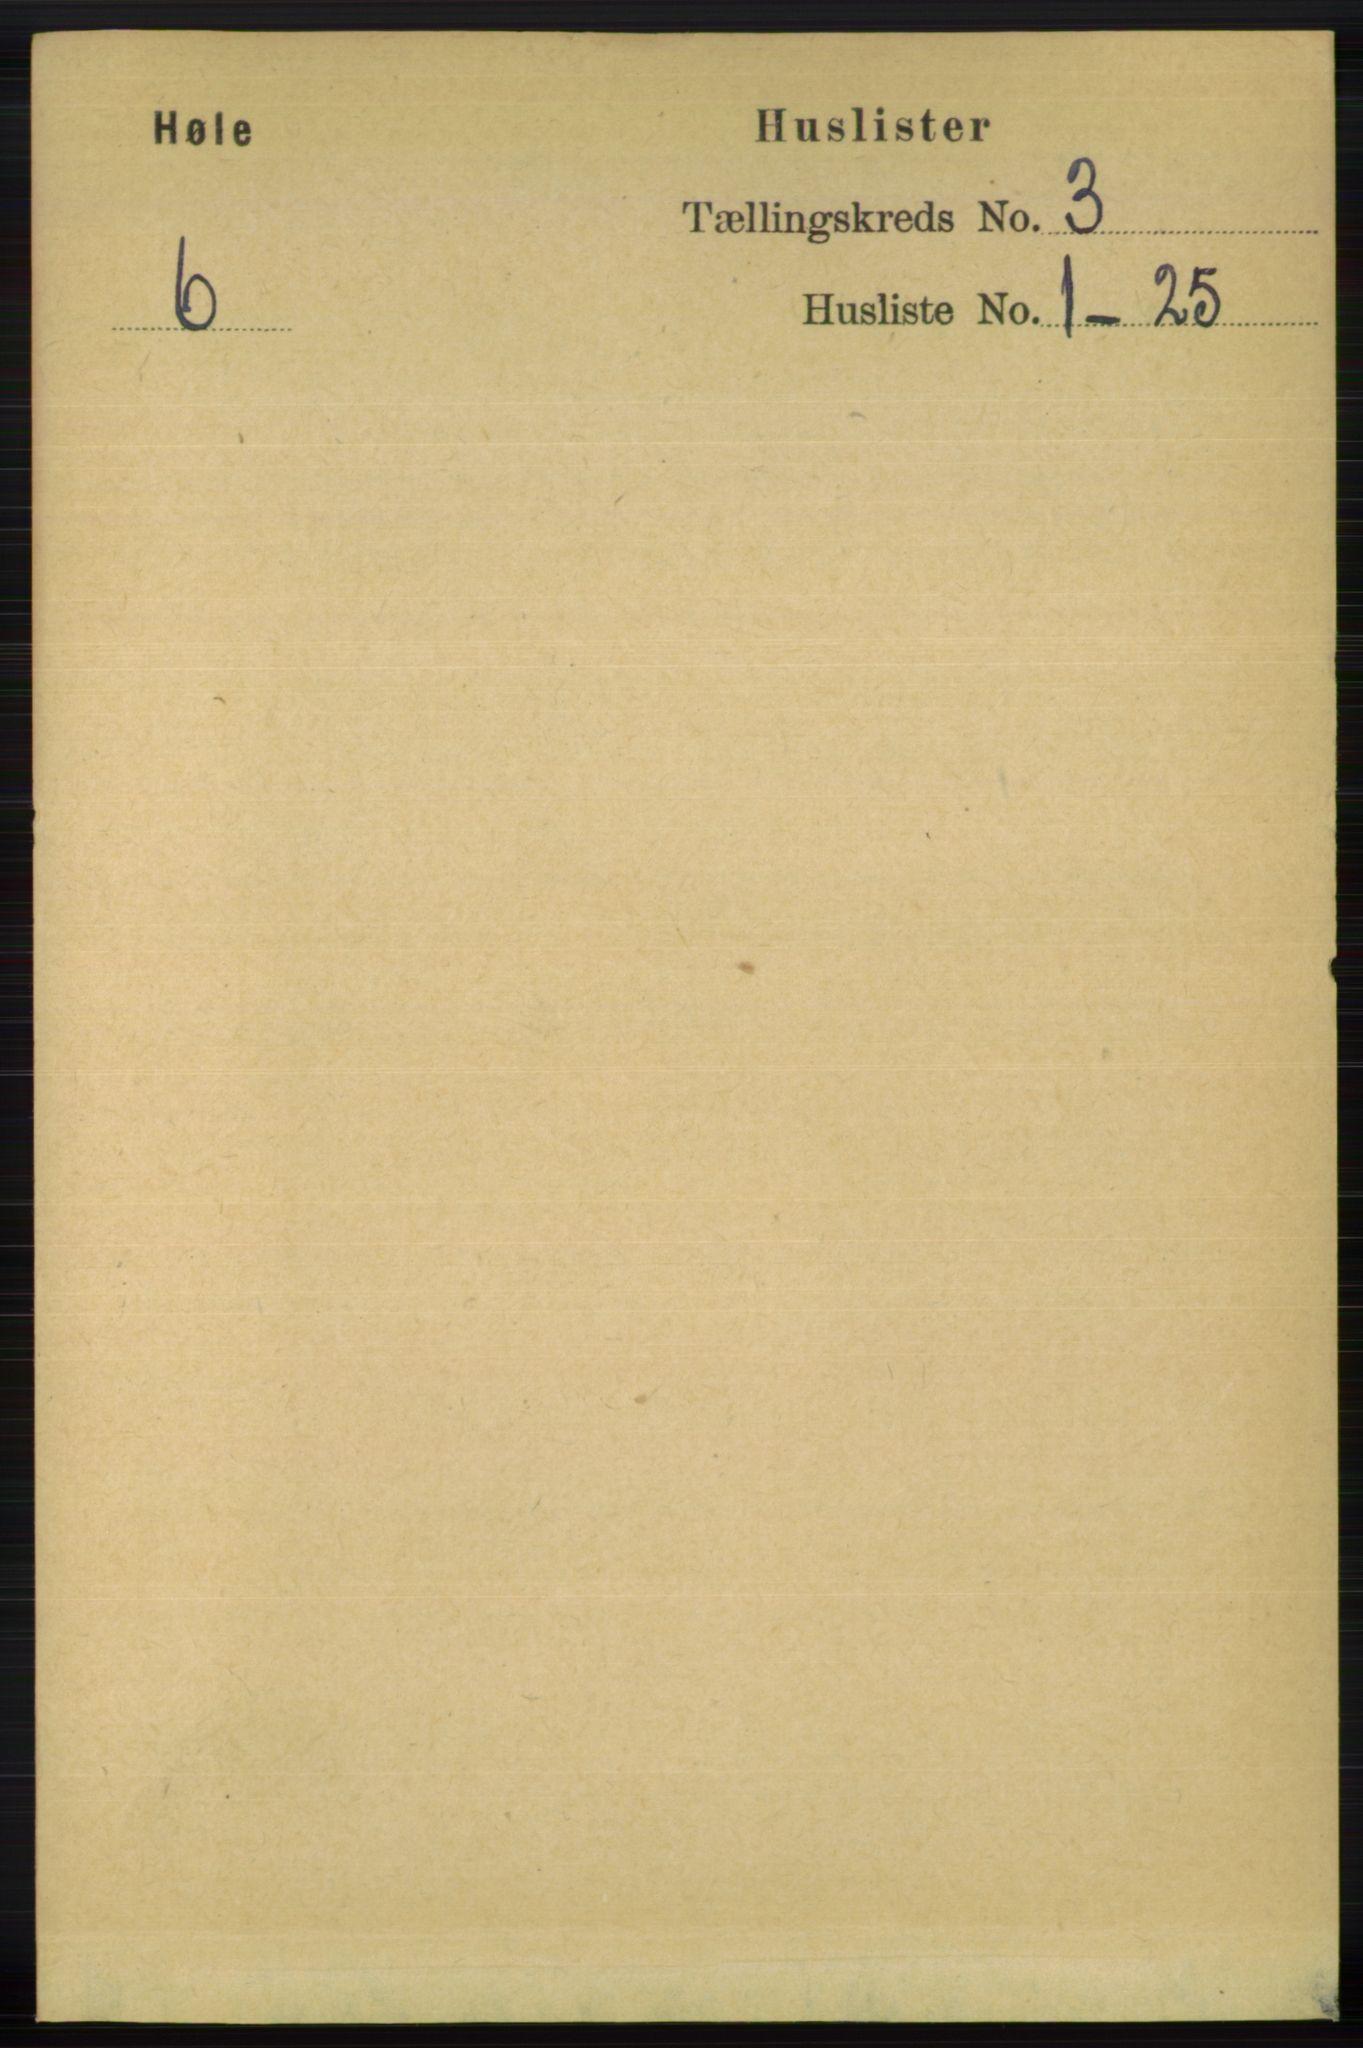 RA, Folketelling 1891 for 1128 Høle herred, 1891, s. 621